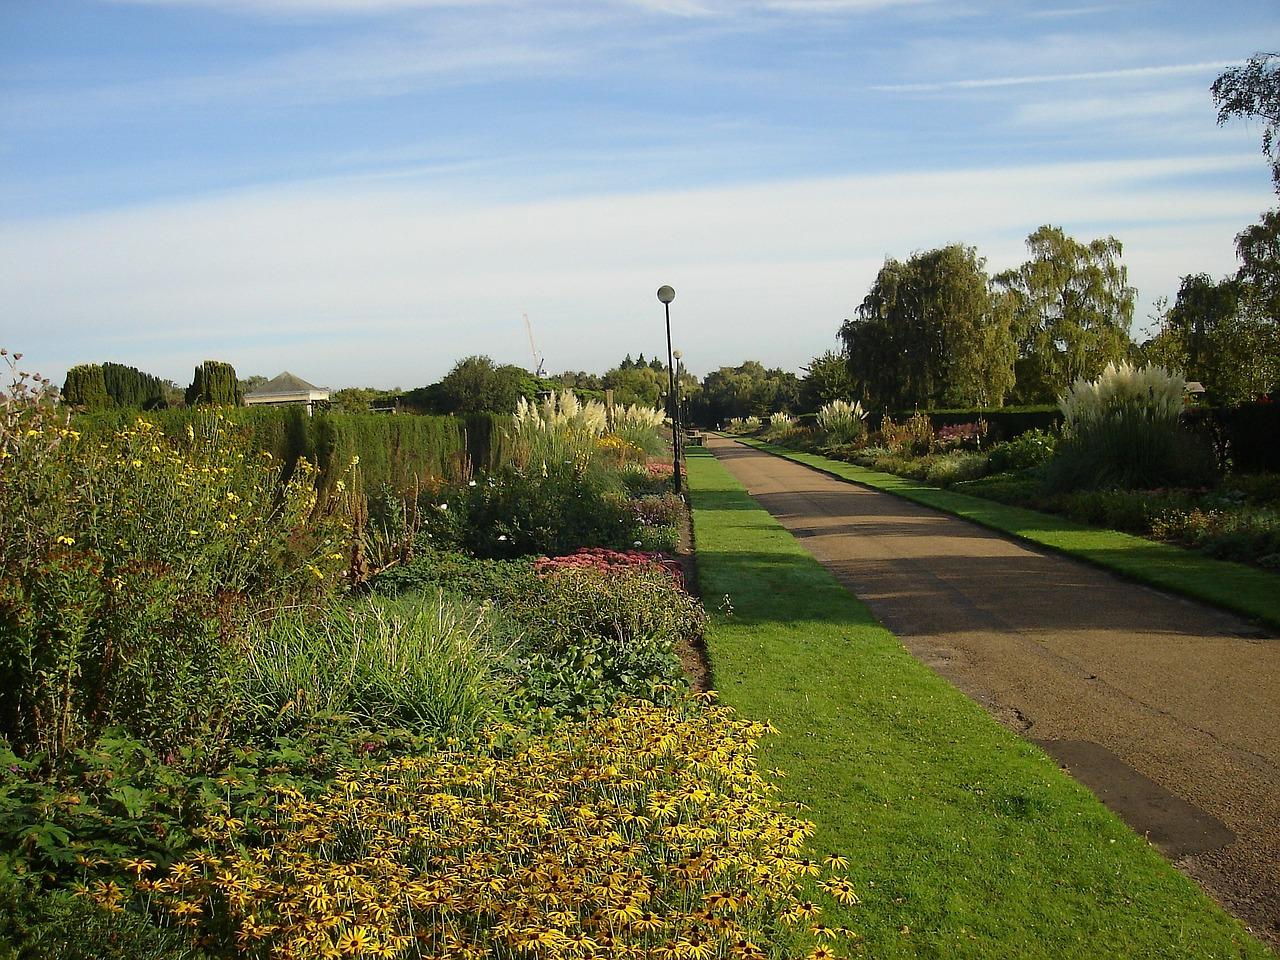 Norwich parc